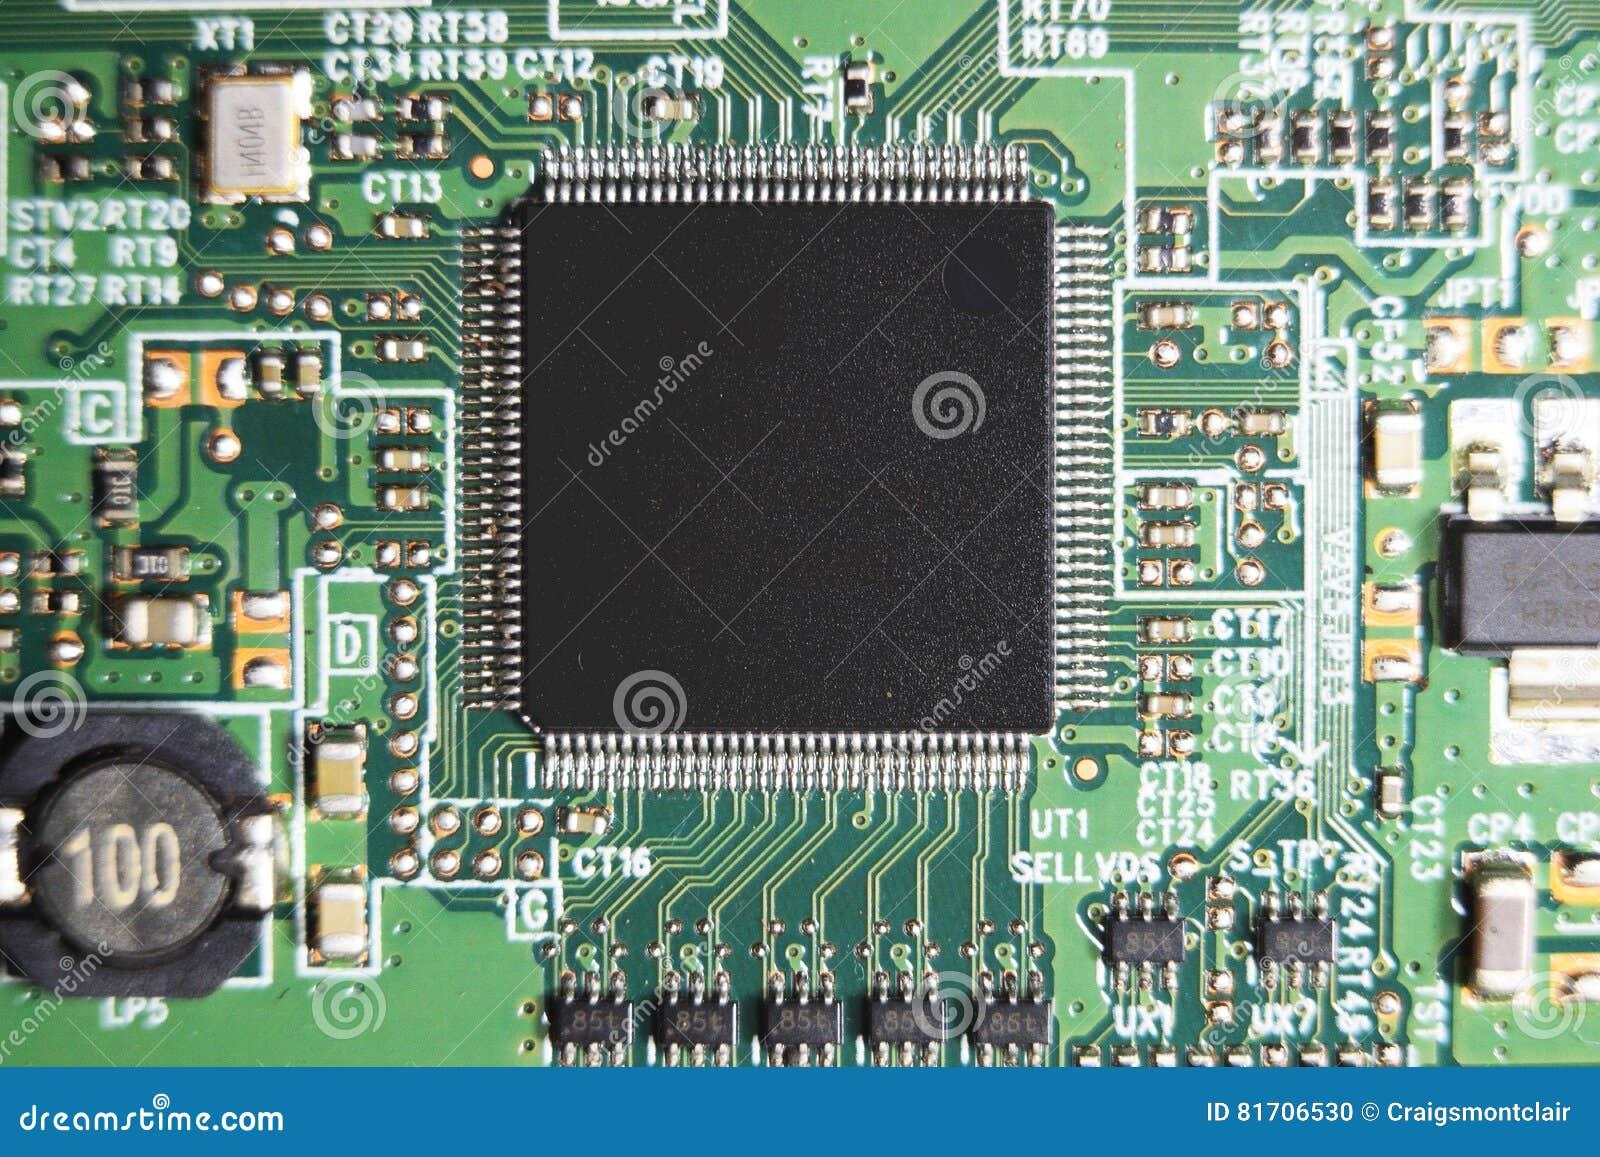 Led Tv Circuit Board Diagram